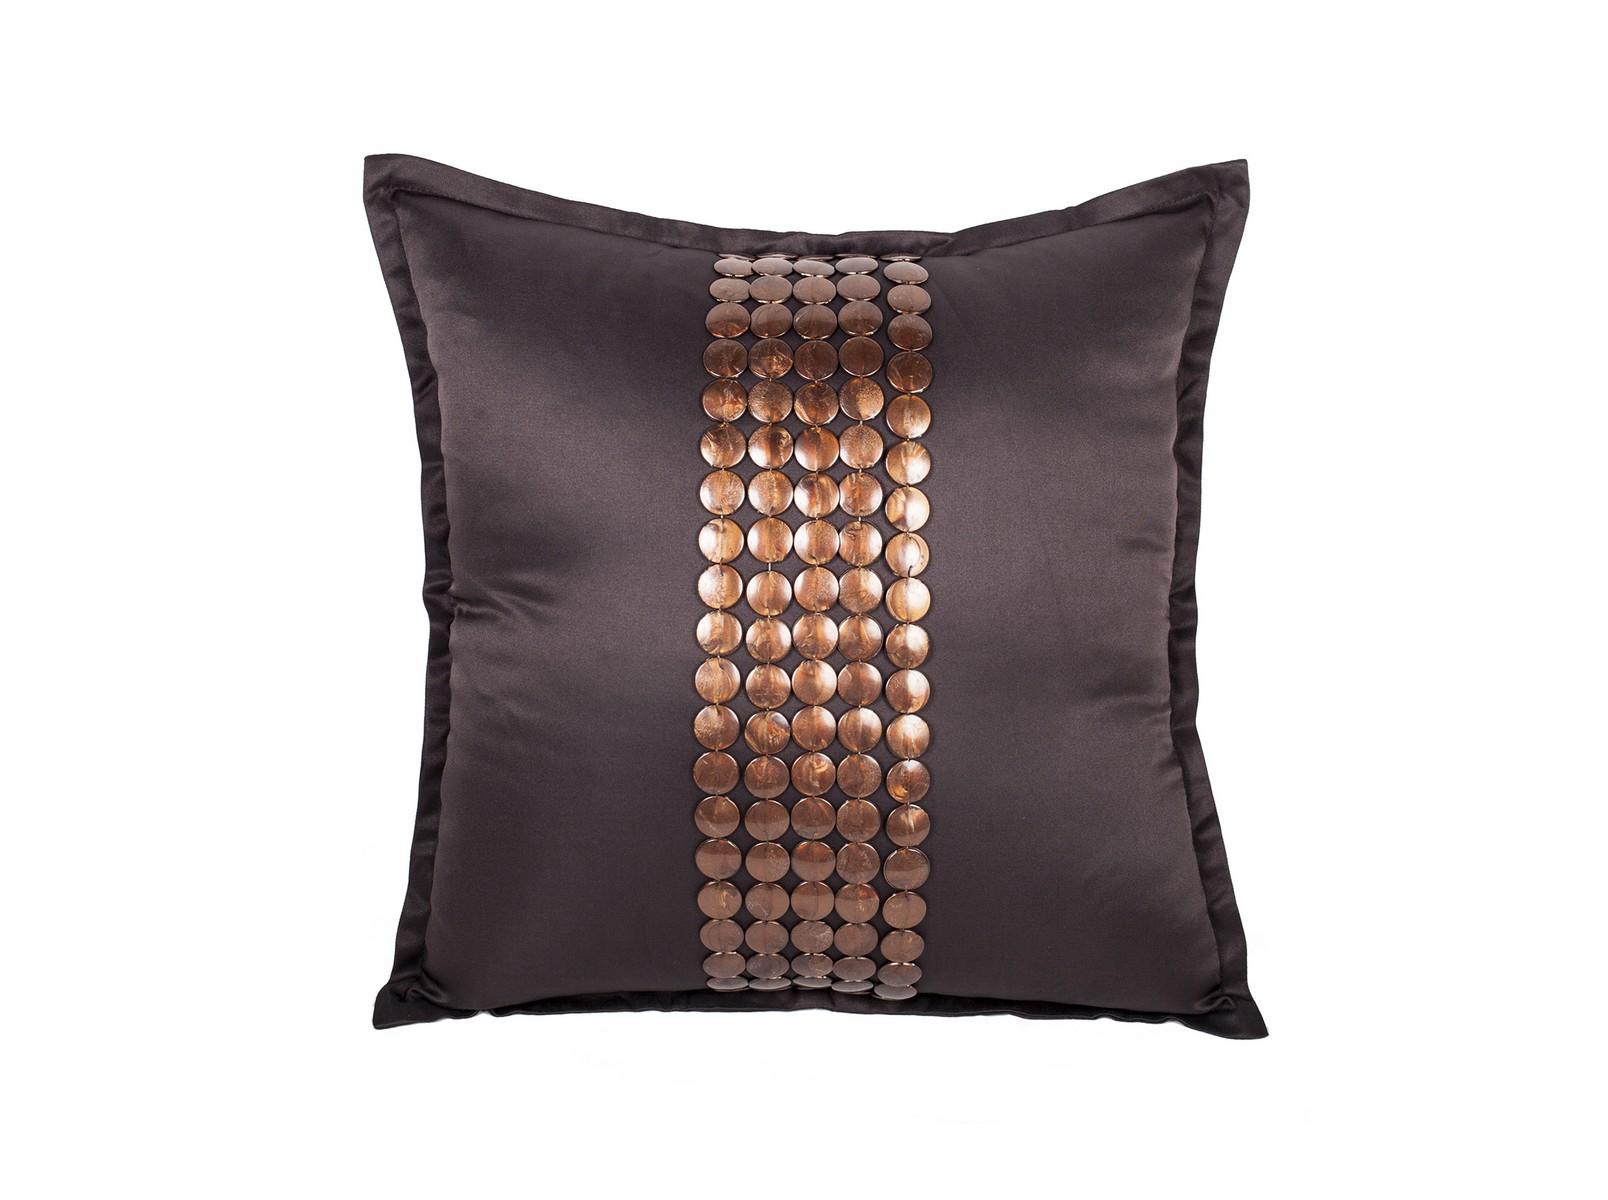 Декоративная подушка Handwork ExclusiveКвадратные подушки<br>Ручное декорирование.<br><br>Material: Сатин<br>Width см: 45<br>Depth см: 4<br>Height см: 45